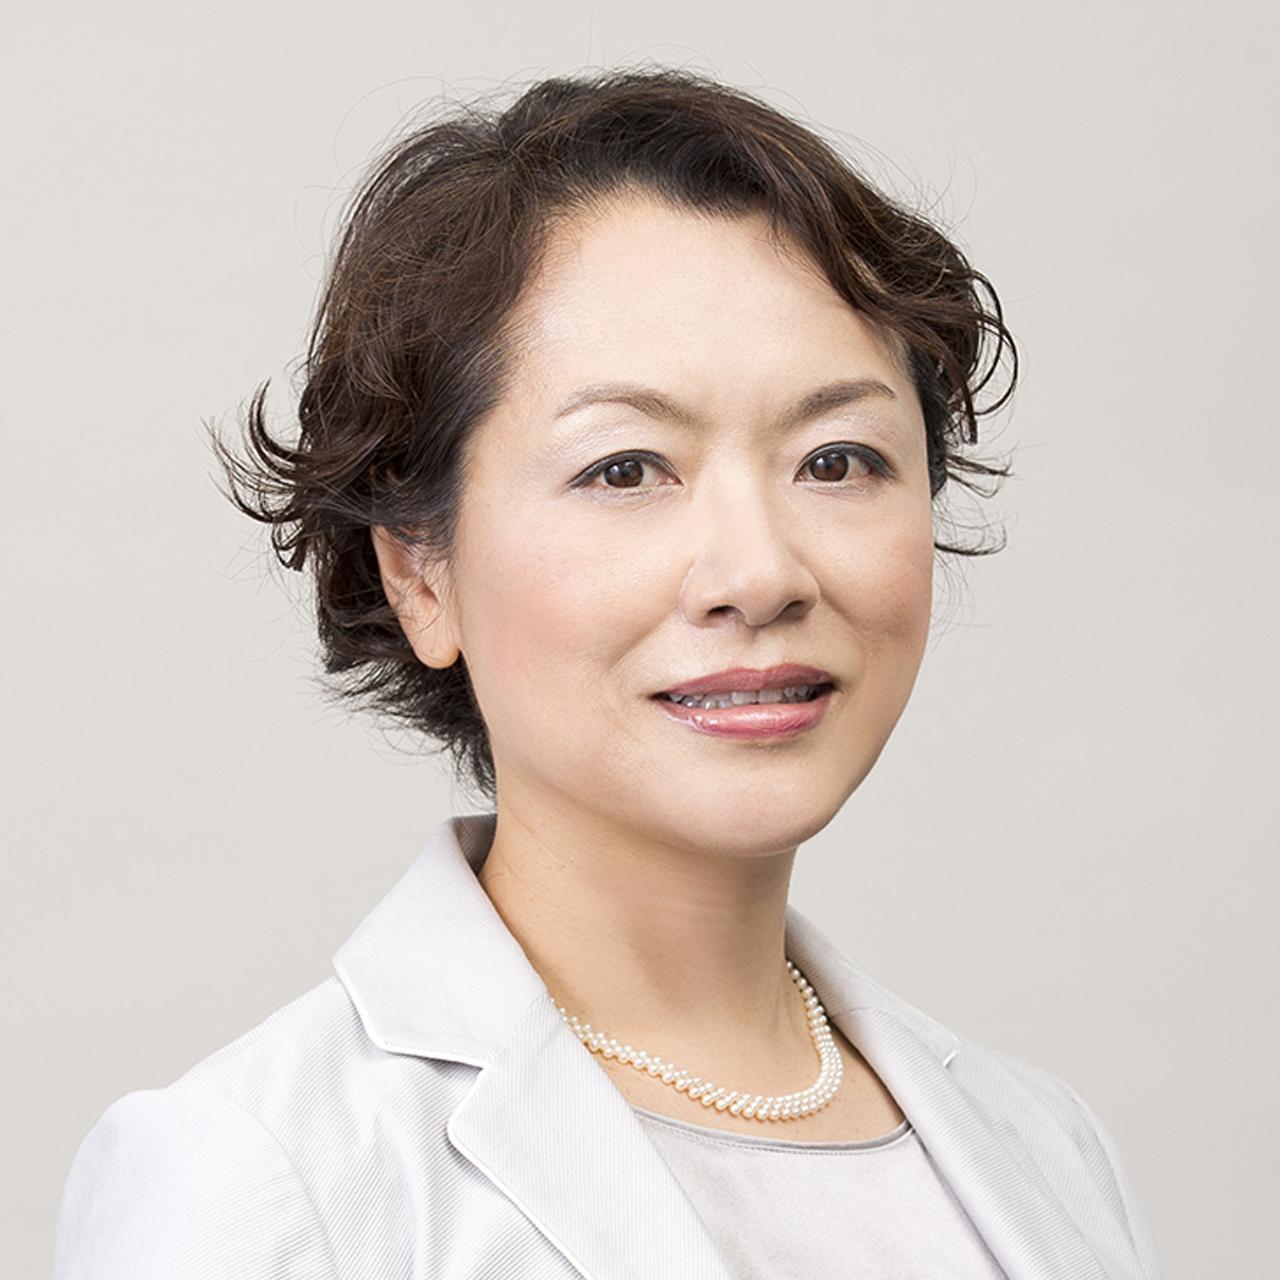 執行役員 企画調査部長 波潟 郁代 Ikuyo Namigata